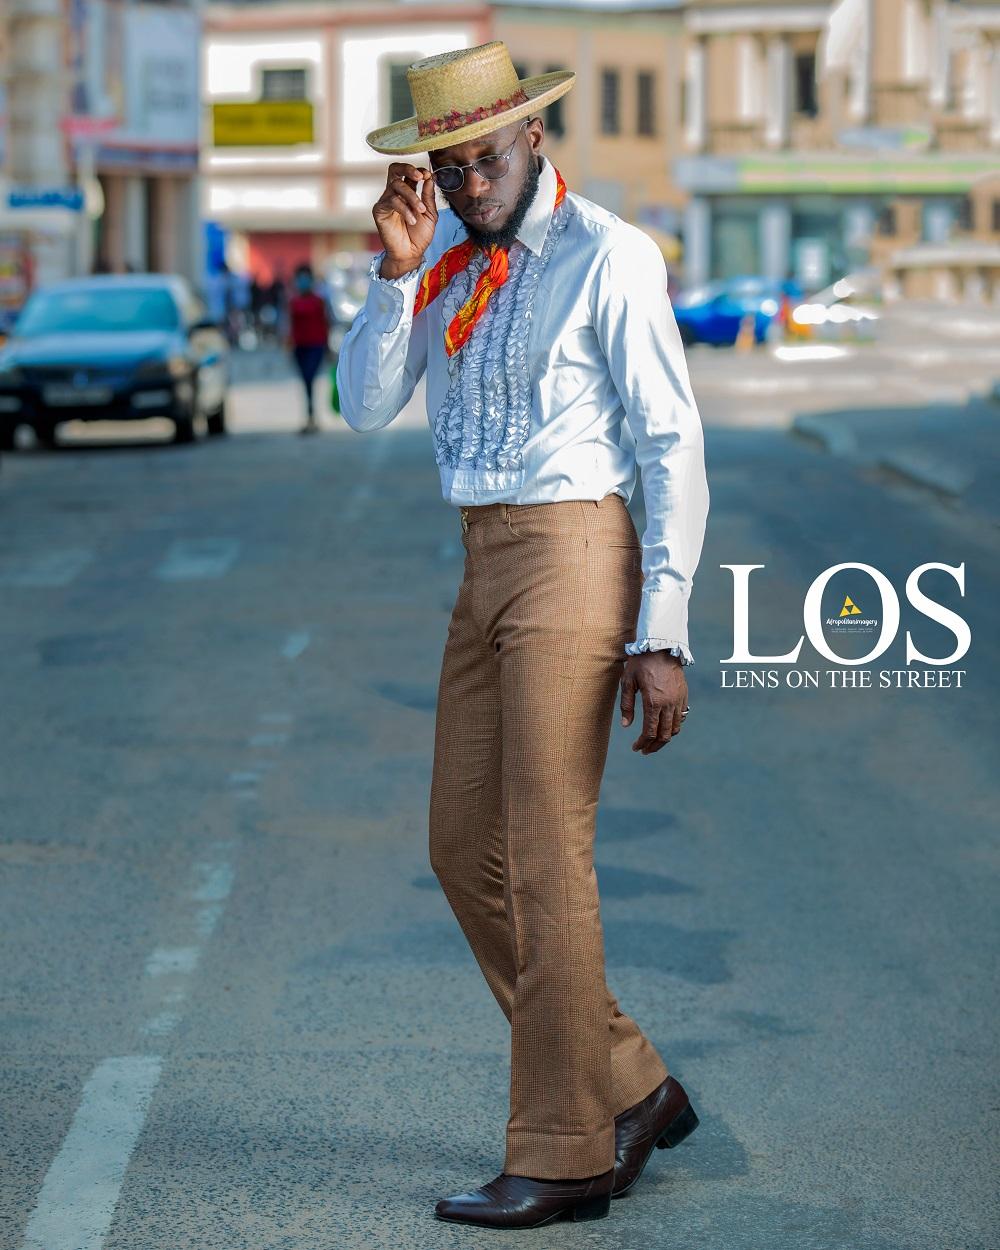 Model Spotlight from Ghana: LORD AMEYAO GIDIGLO